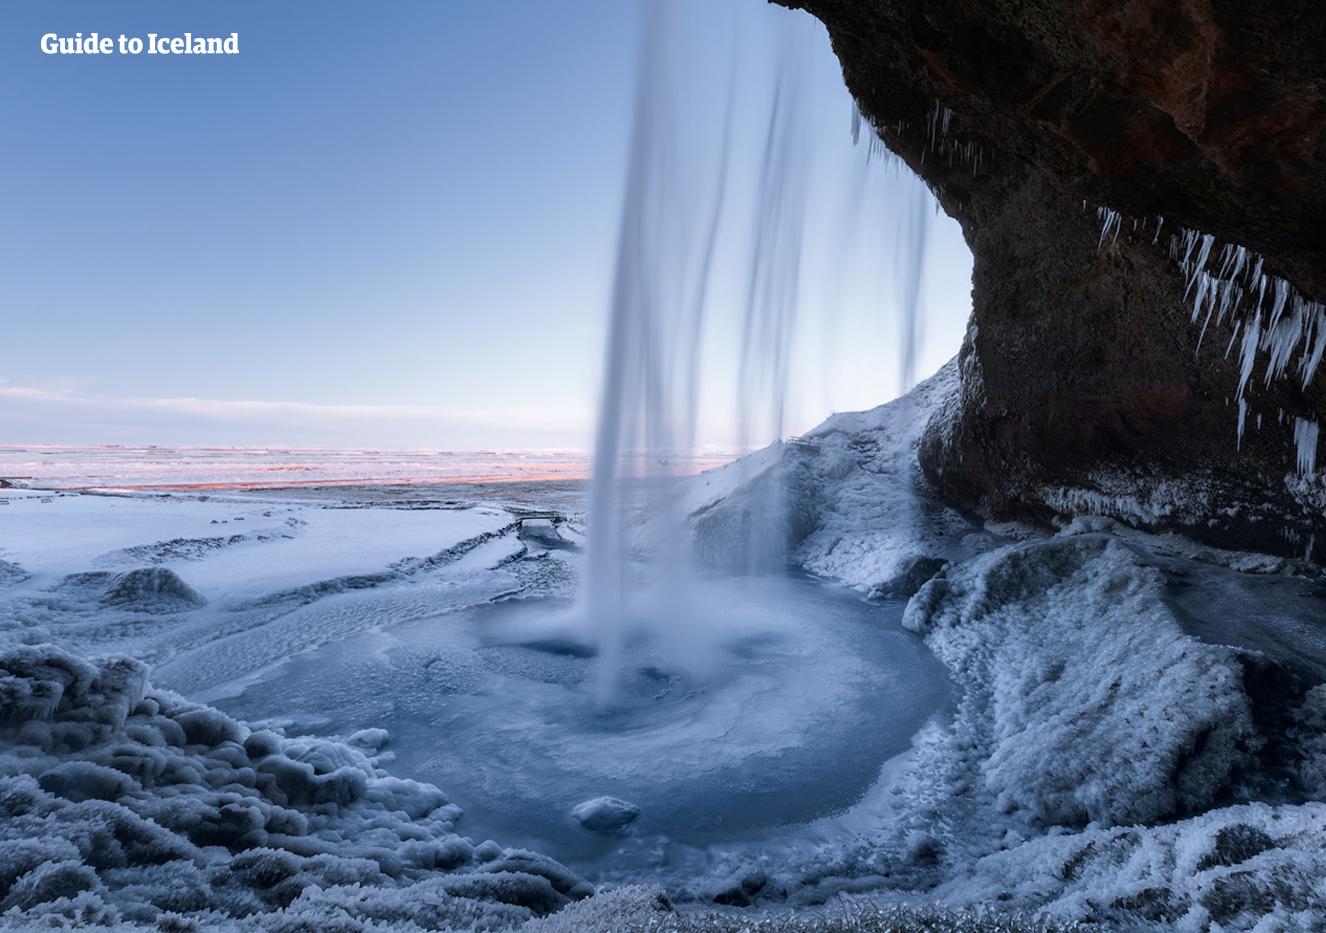 Cuando visites Islandia en el invierno, vigila el cielo, ya que puedes ver la evasiva aurora boreal.